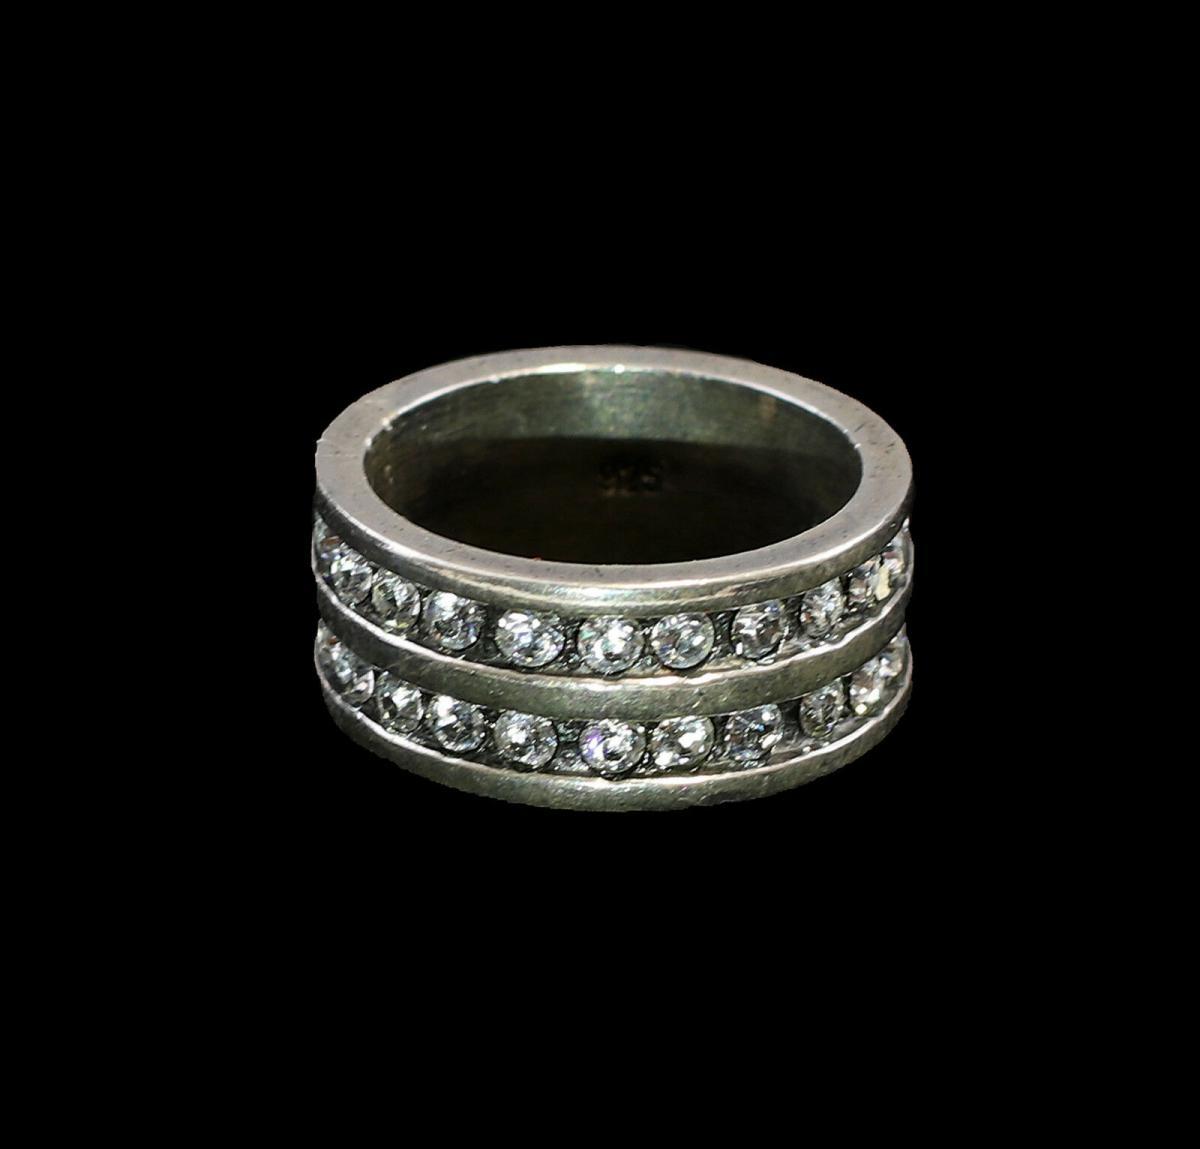 9901349 925er Silber Ring mit Swarovski-Steinen Gr. 52/53 1